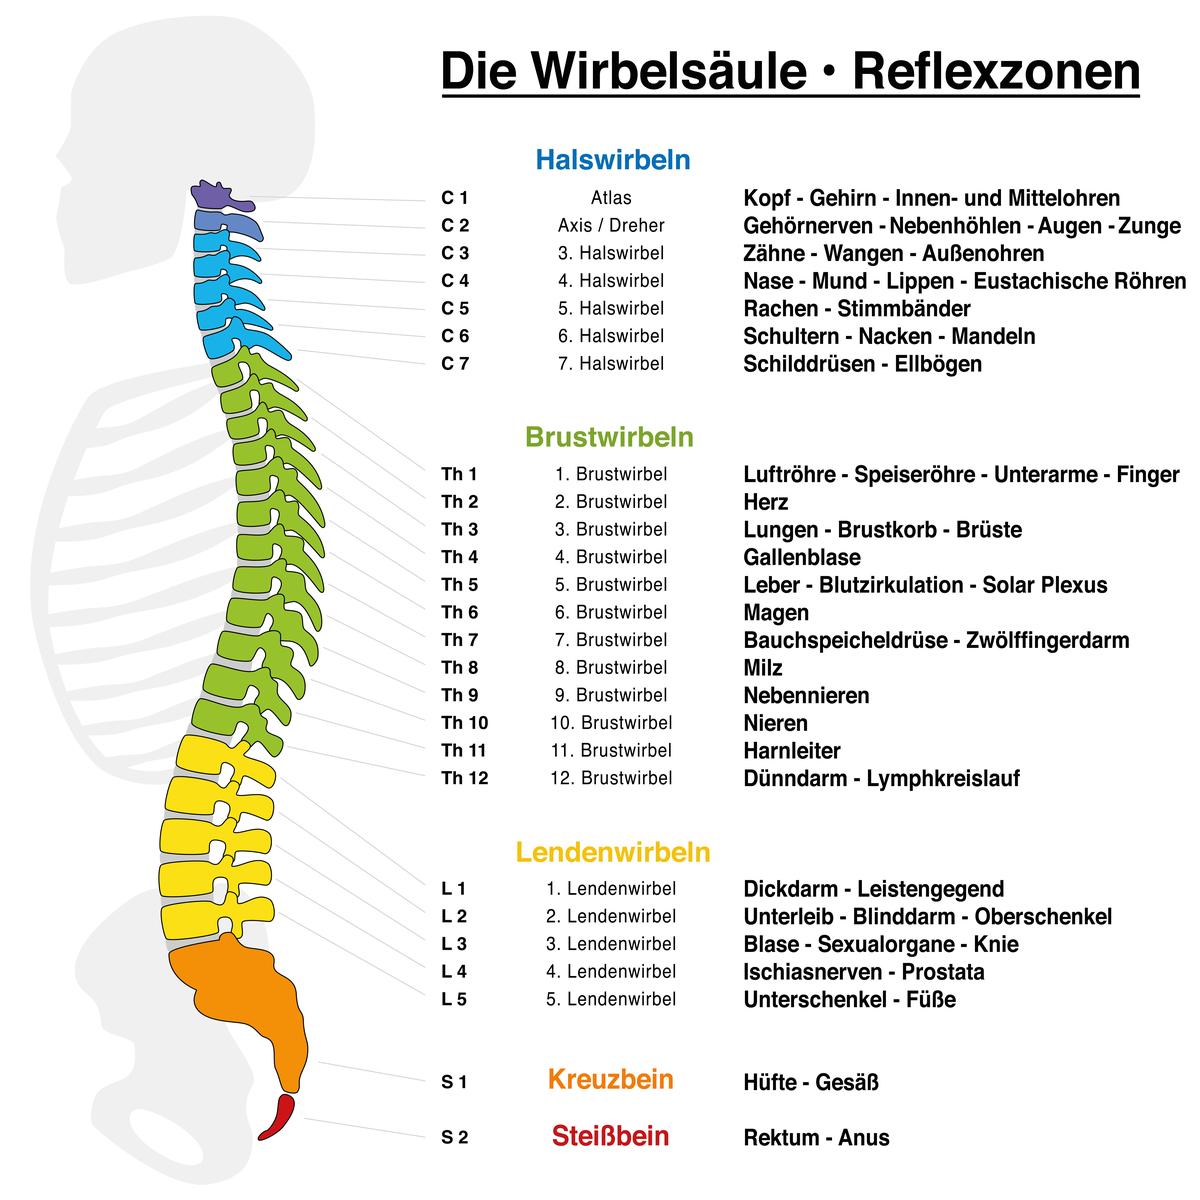 Eine Menschliche Wirbelsäule mit deren Reflexzonen